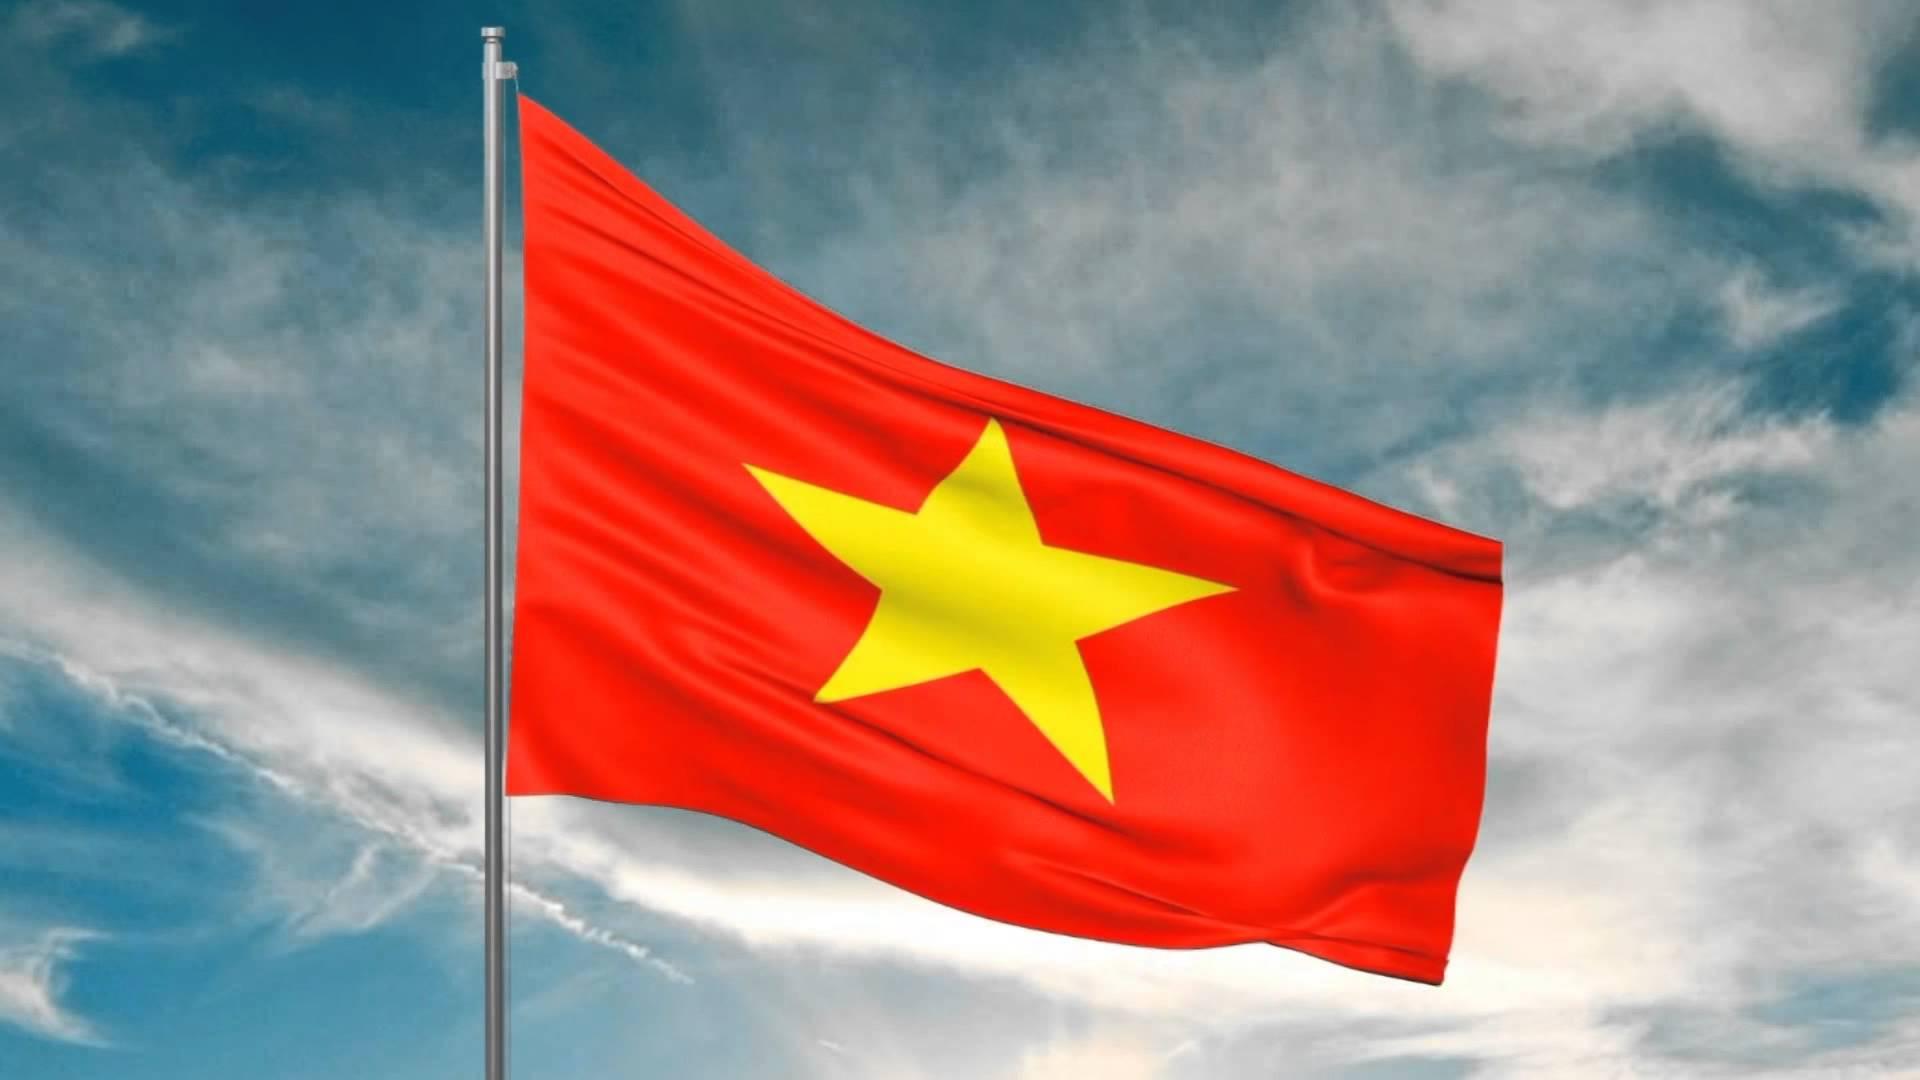 Hình ảnh Cờ Tổ Quốc Việt Nam